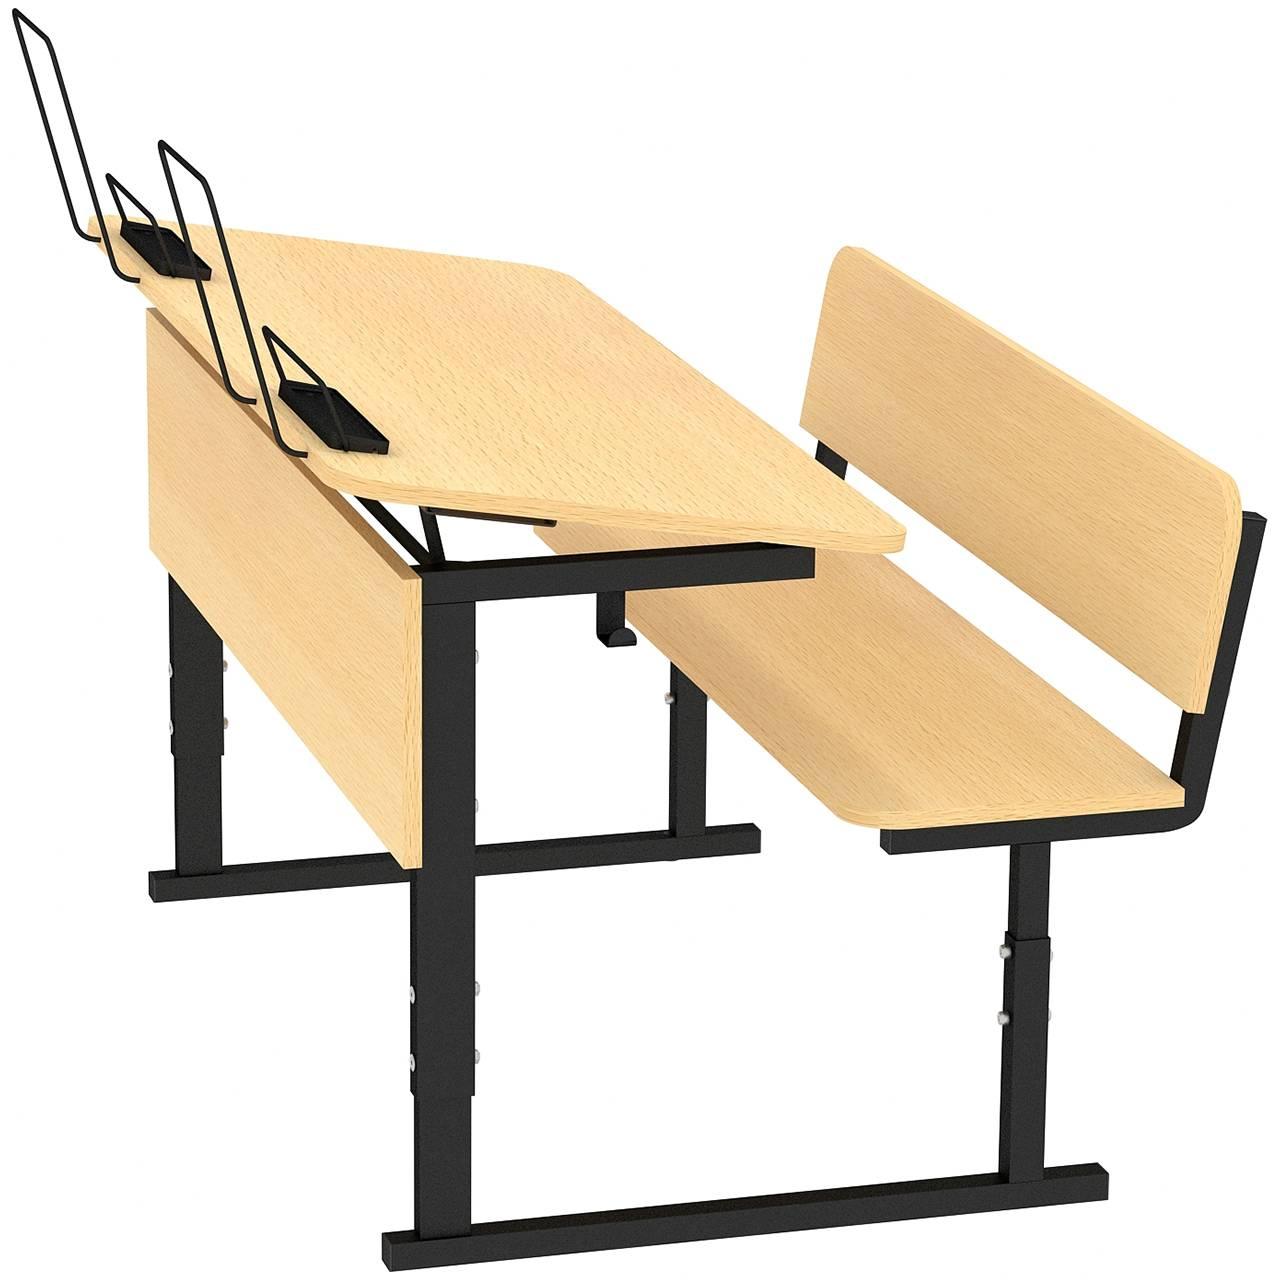 Парта ученическая 2-местная регулируемая по высоте и наклону столешницы 0-10° 2-4, 4-6 гр.